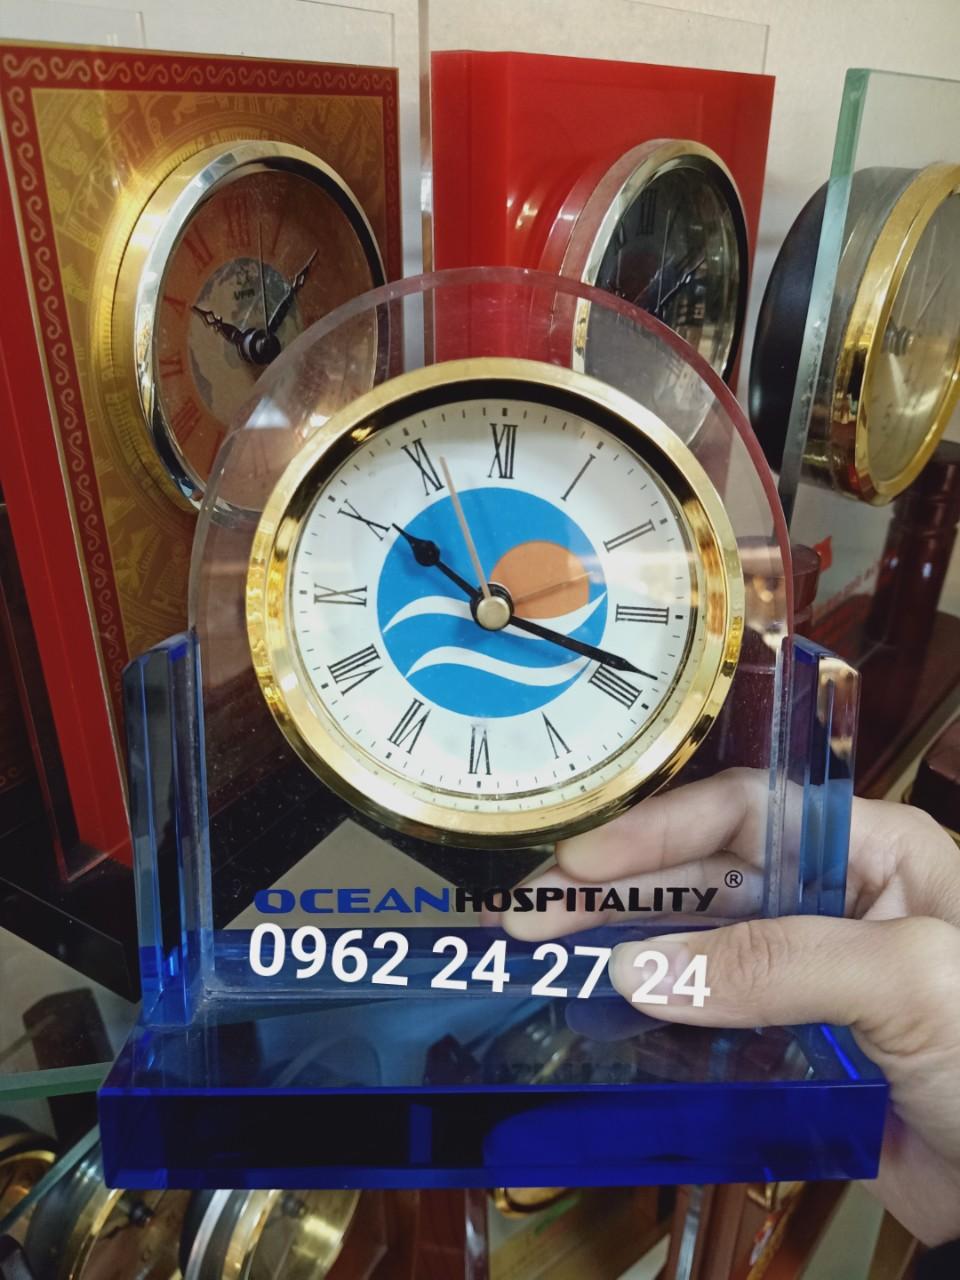 Cơ sở chuyên cung cấp đồng hồ kỷ niệm sinh nhật công ty, bán đồng hồ làm quà tặng nhân viên tiêu biểu của năm